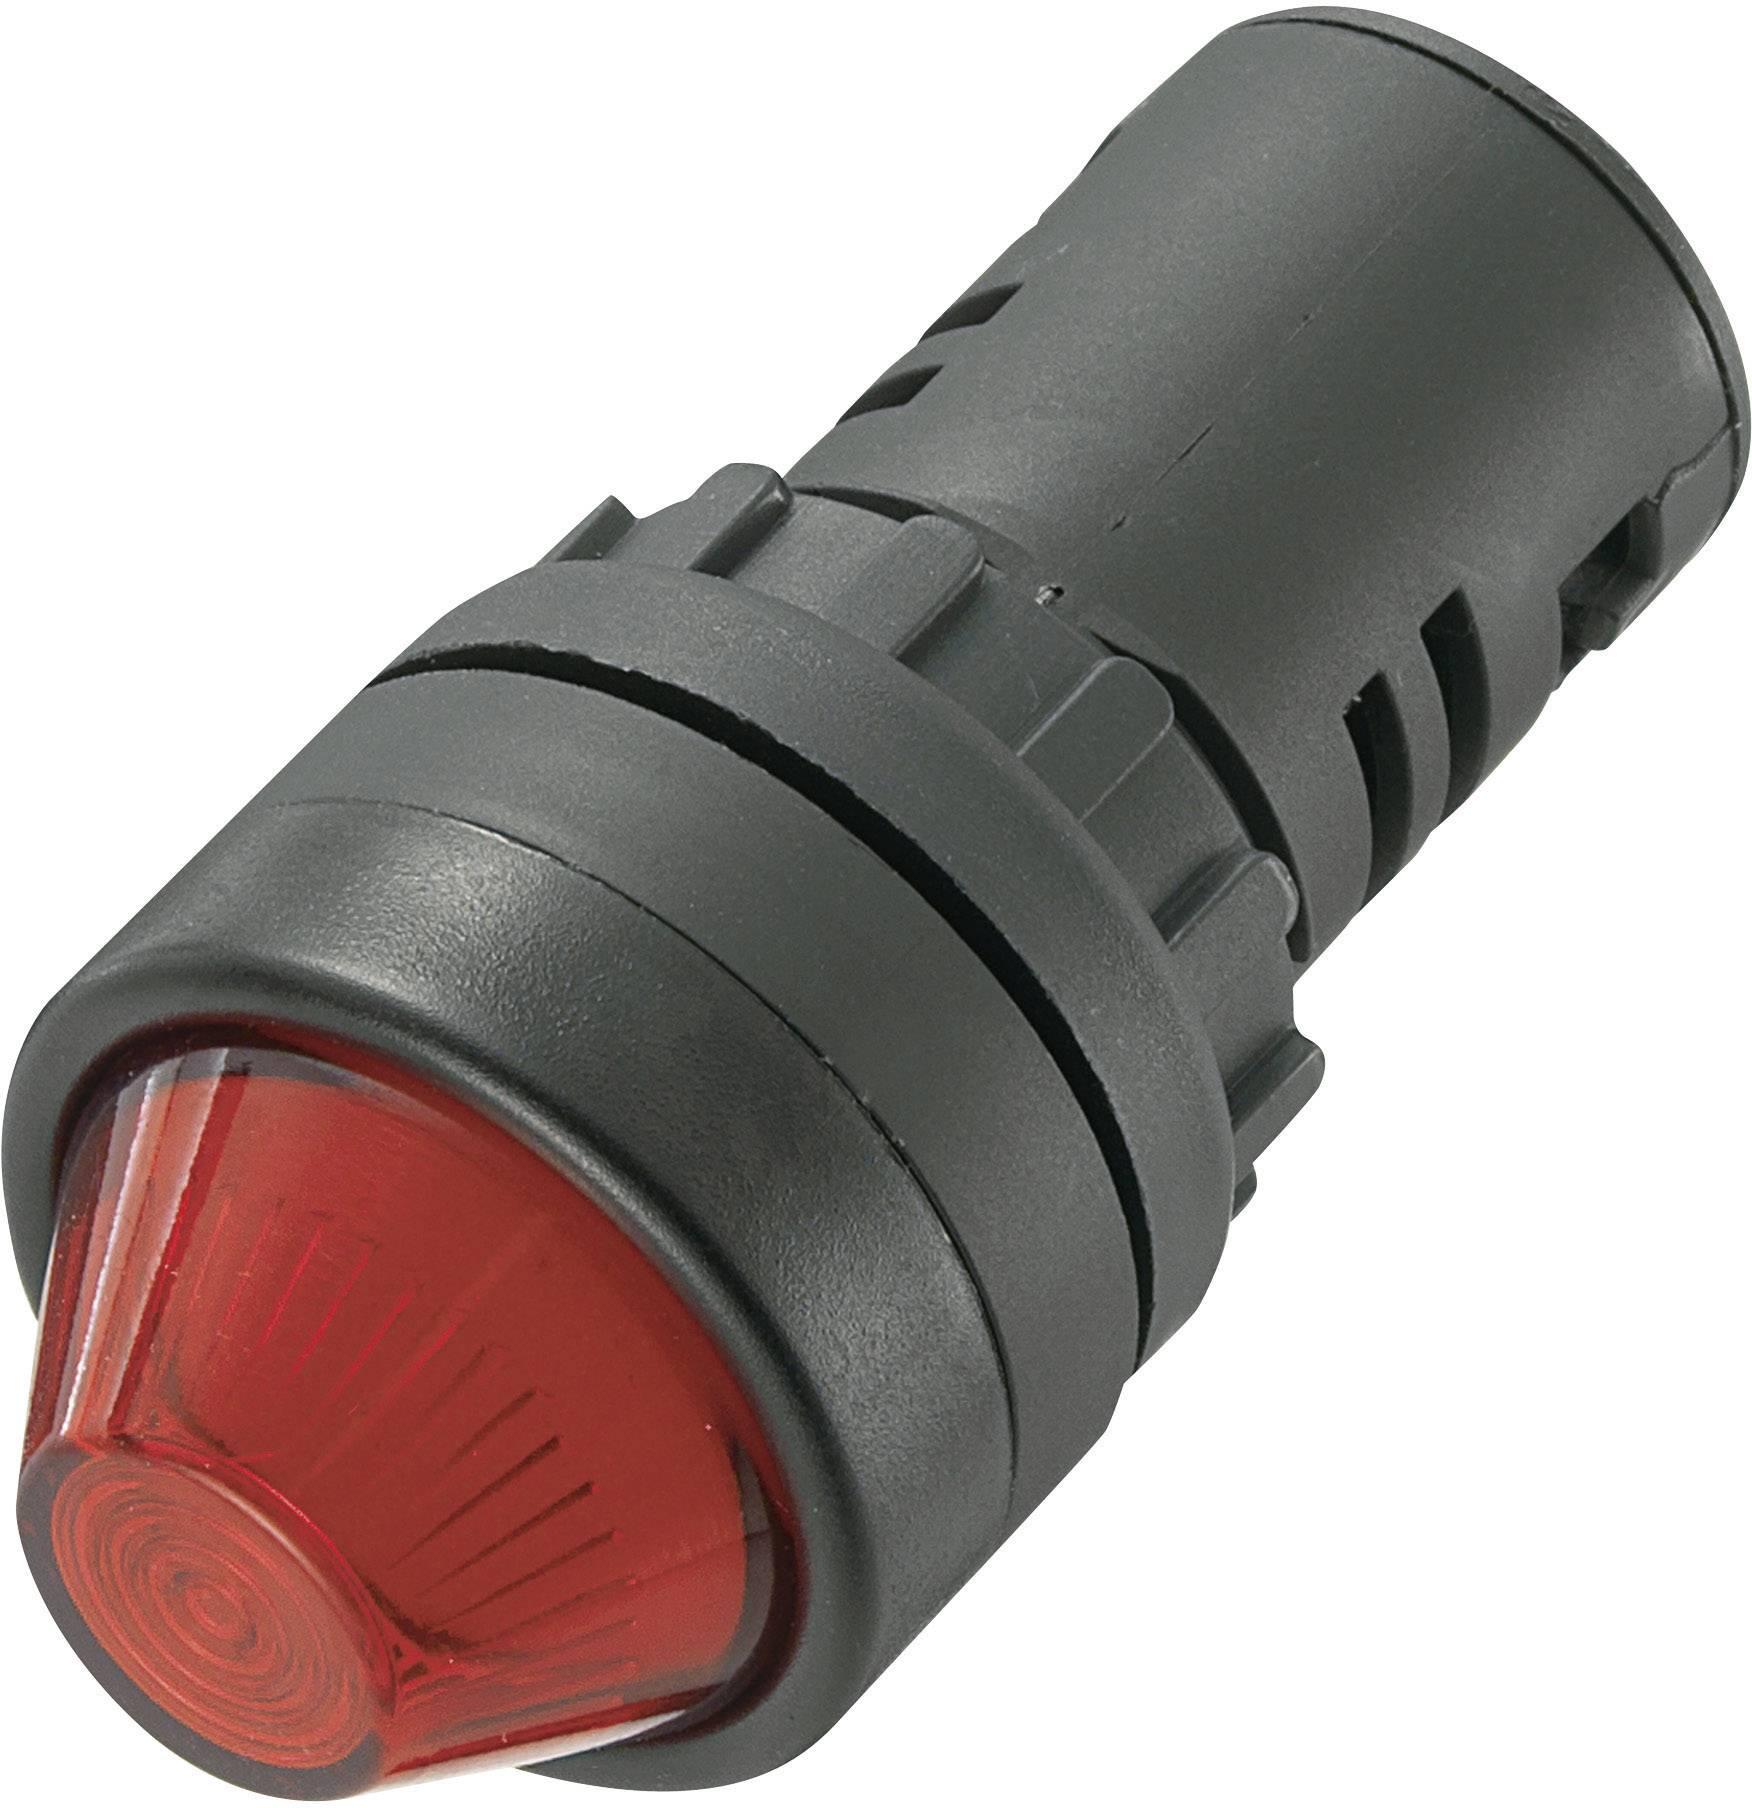 LED signálka AD16-22HS/230V/B, LED signálka, 230 V/AC, modrá